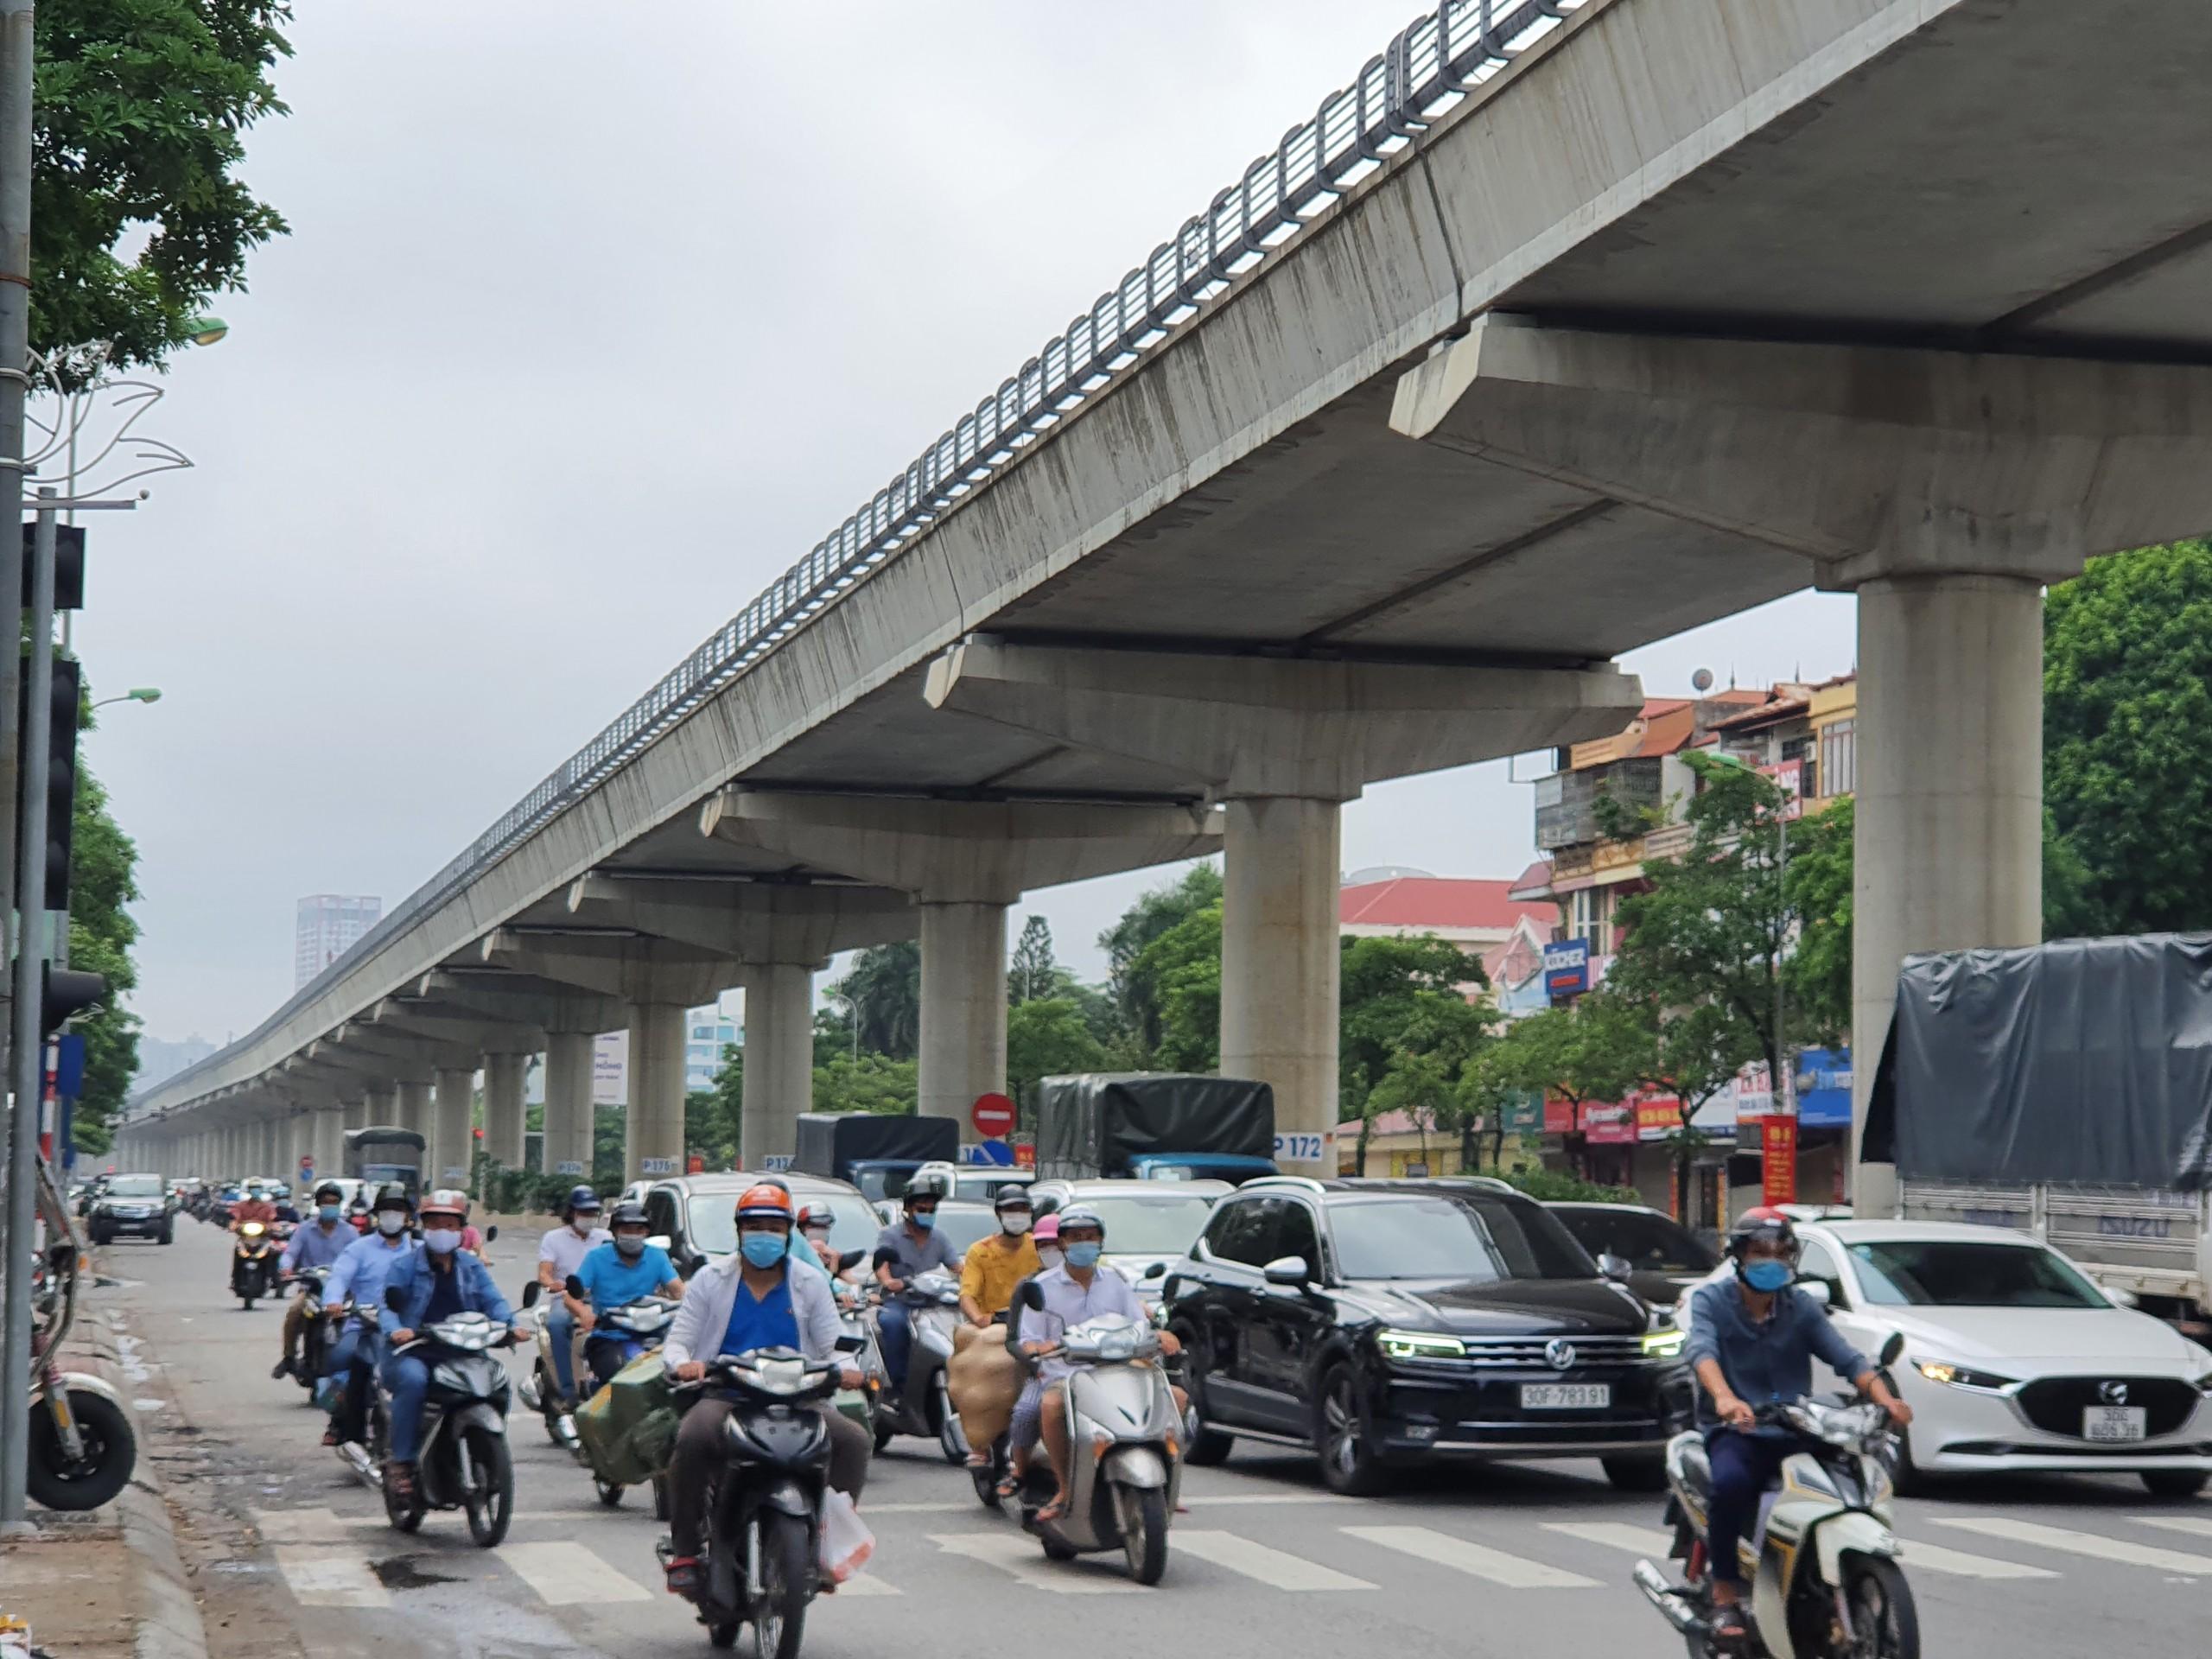 Khác hẳn với những ngày thực hiện các quy định giãn cách trước đây, đường phố Hà Nội đã trở nên tấp nập.